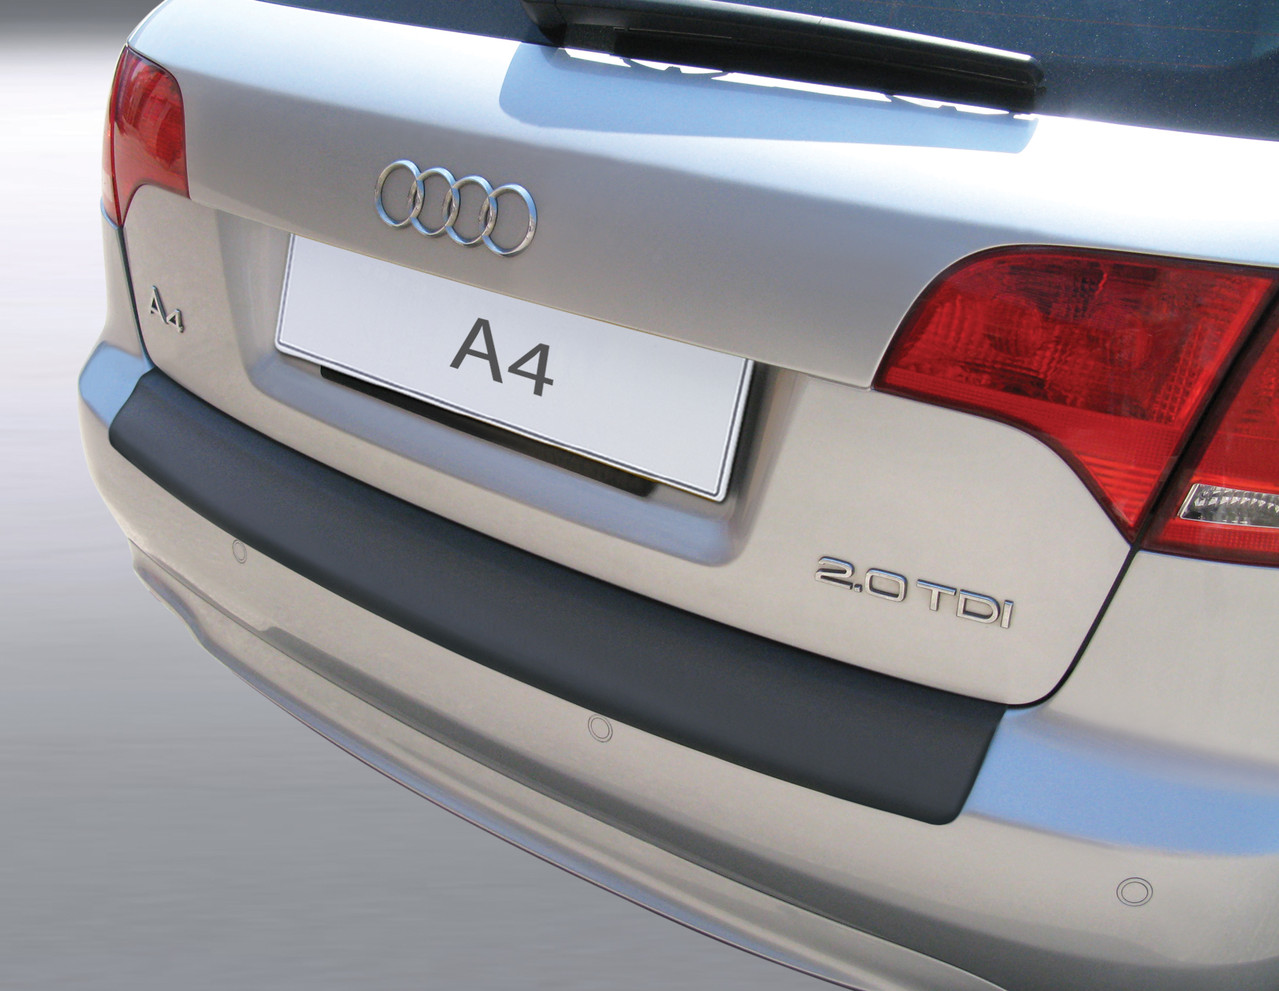 Audi A4 Avant Ladekantenschutz Stoßstangenschutz